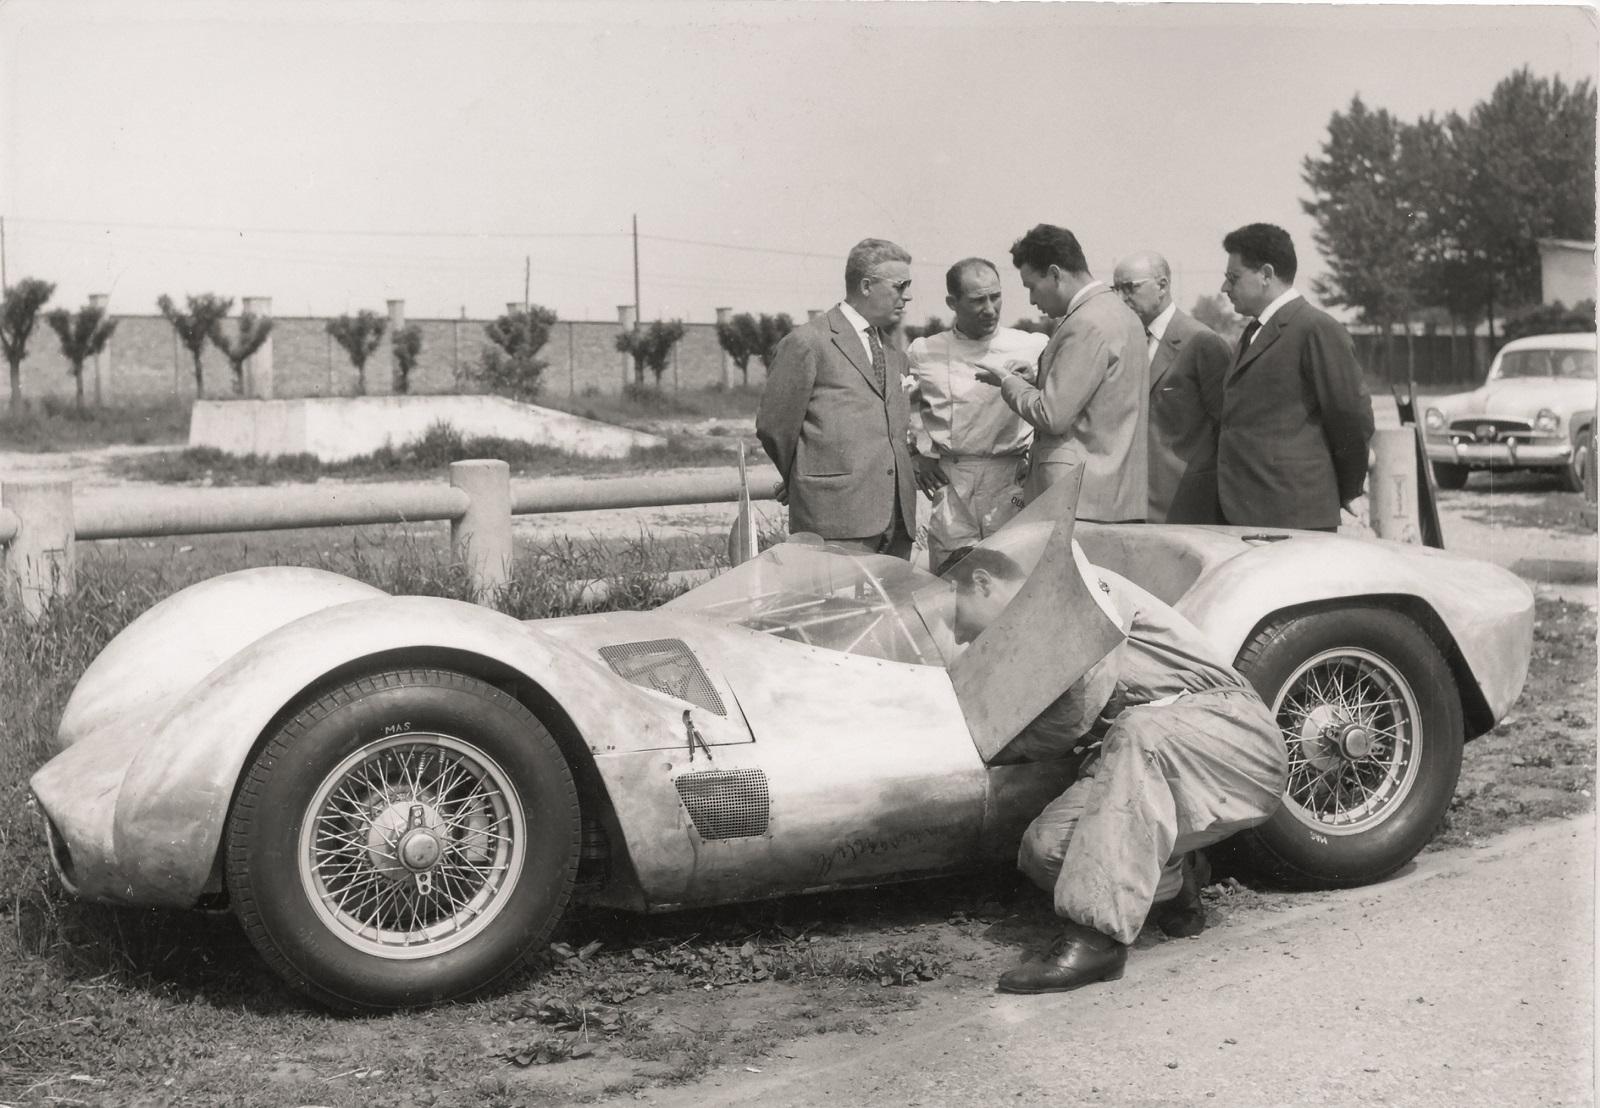 Tipo 60 (Bird Cage) Prove di sviluppo della vettura con il pilota Stirling Moss all'Aeroautodromo di Modena.